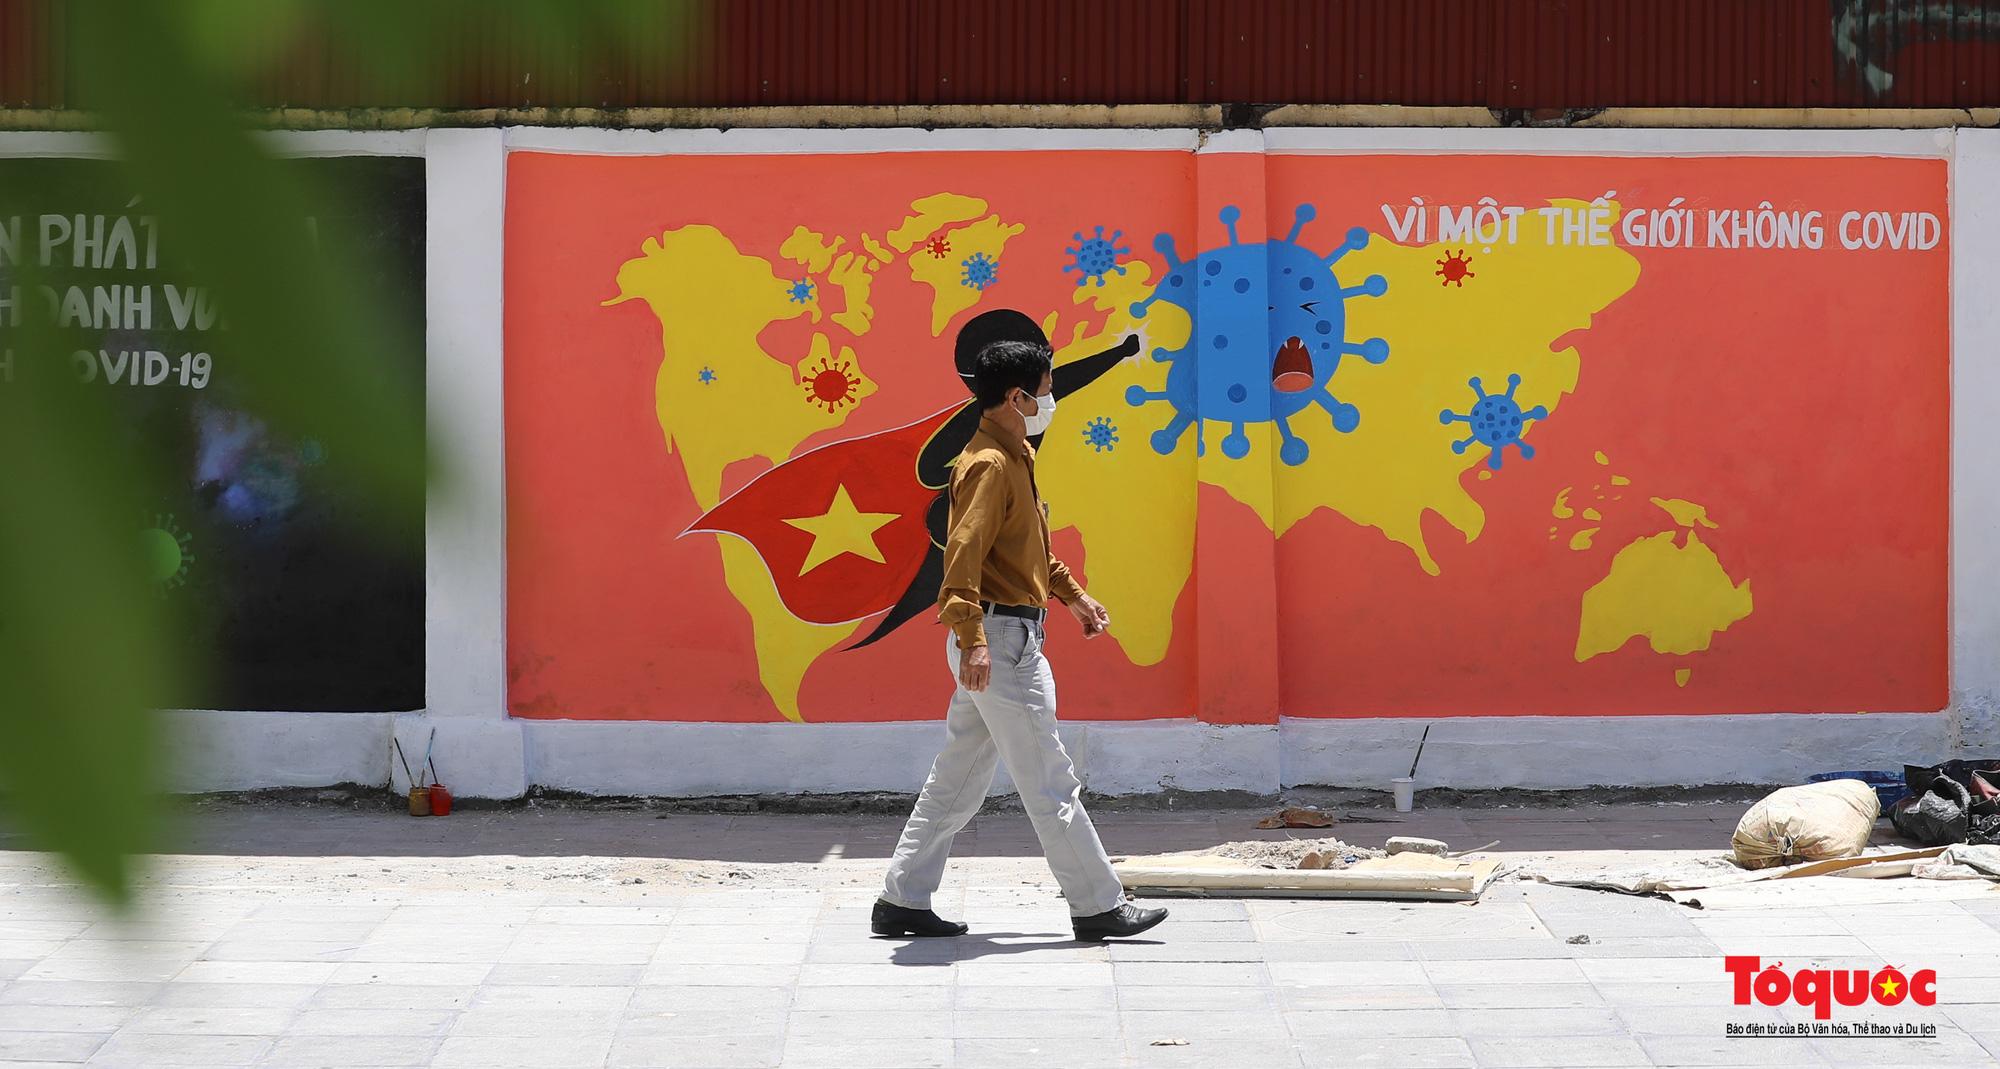 Pano, hình ảnh cổ động phòng chống dịch COVID-19 trên khắp đường phố Hà Nội - Ảnh 16.